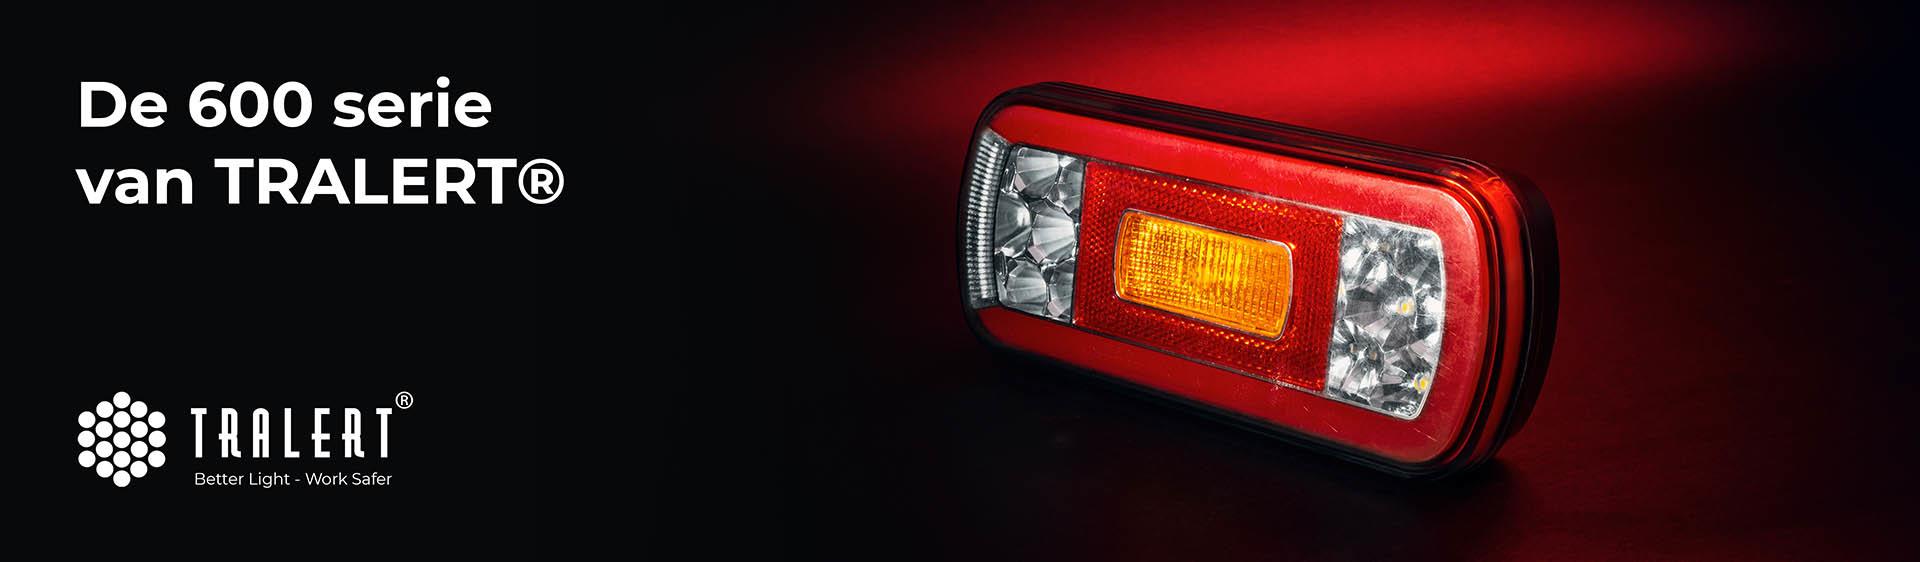 Tralert LED achterlichten 600 serie banner